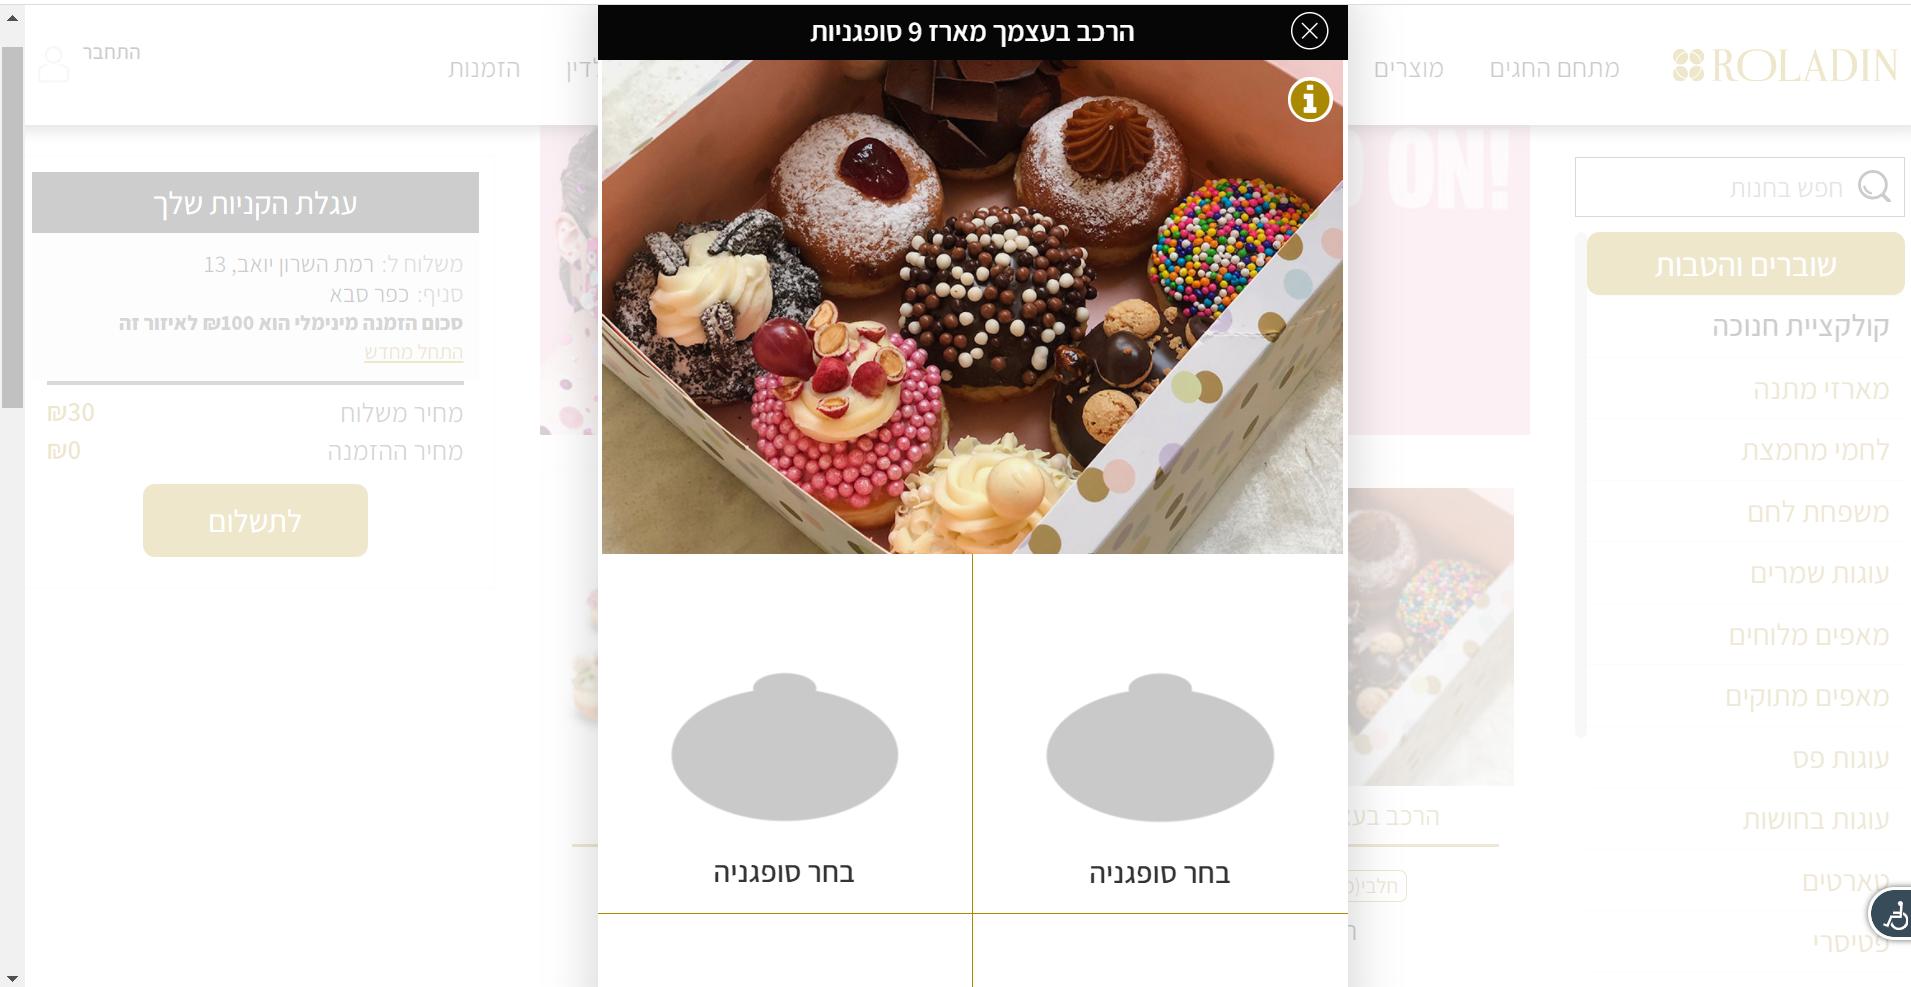 screenshot of Roladin website